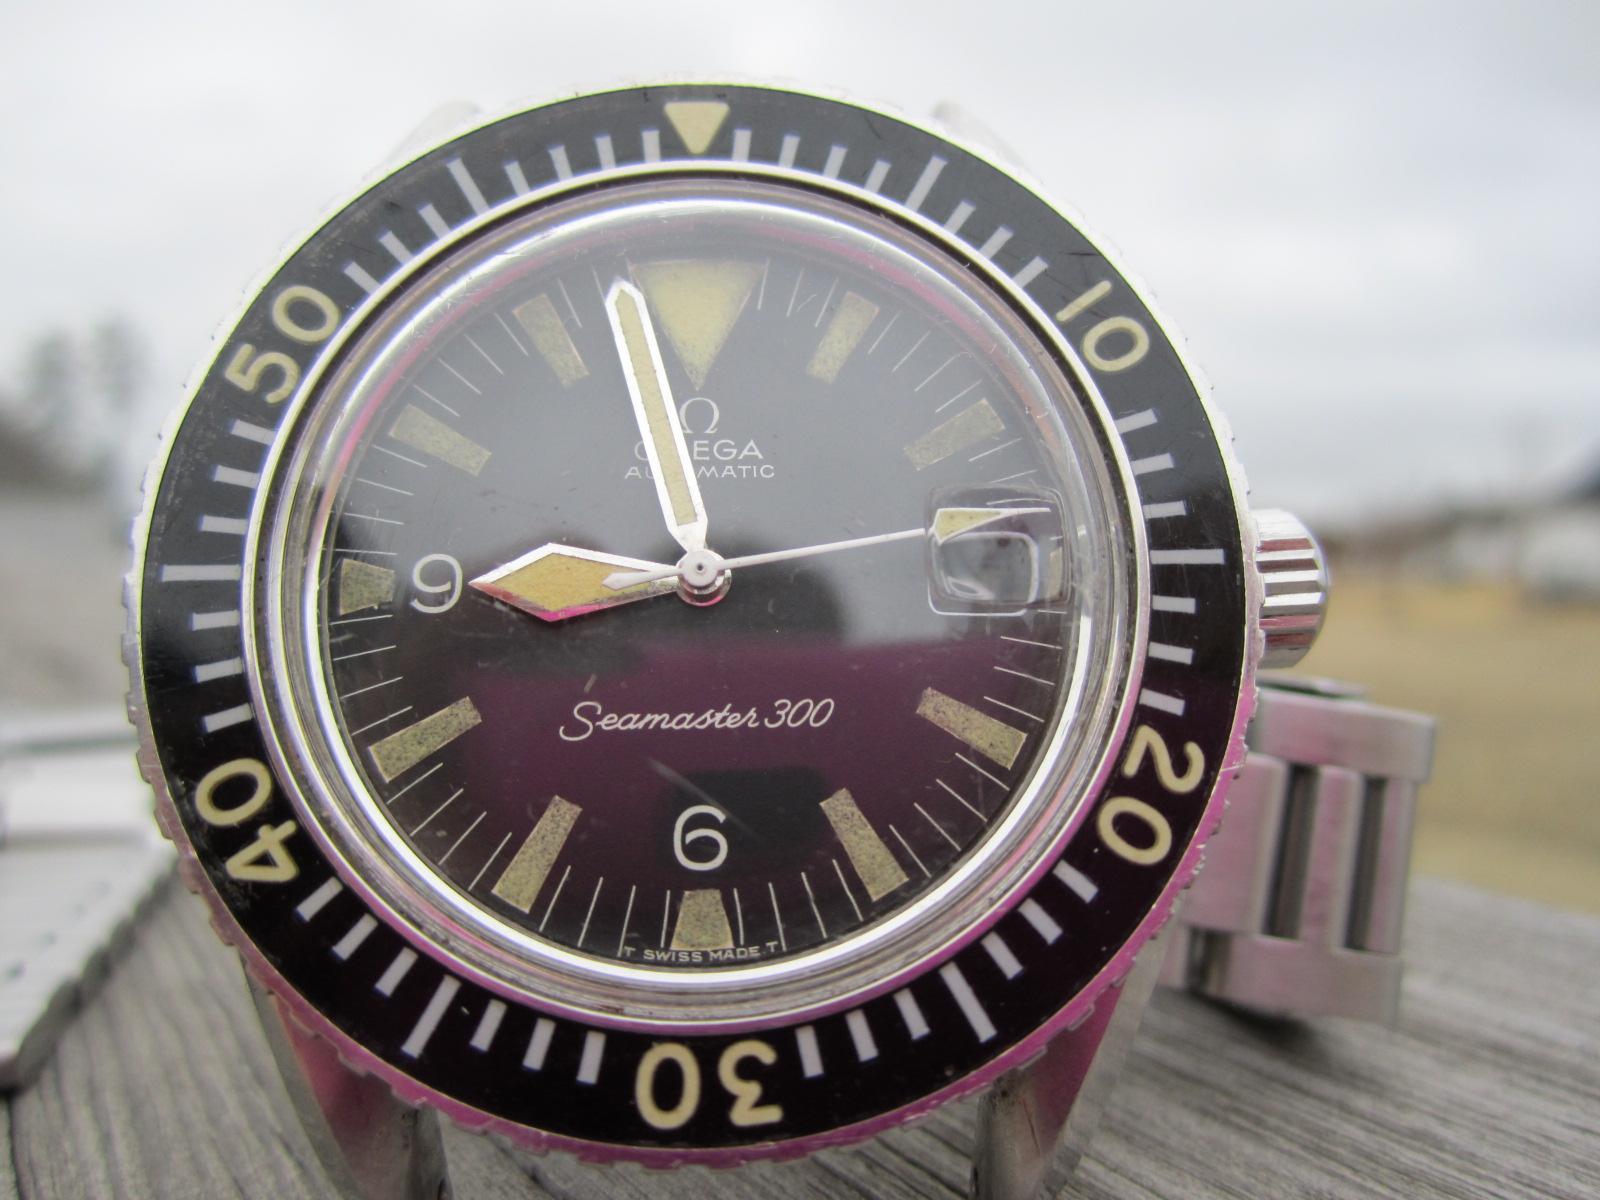 ¿Avanza la relojería en sus diseños? 400049d1299503495-fs-vintage-omega-seamaster-300-sold-img_0377